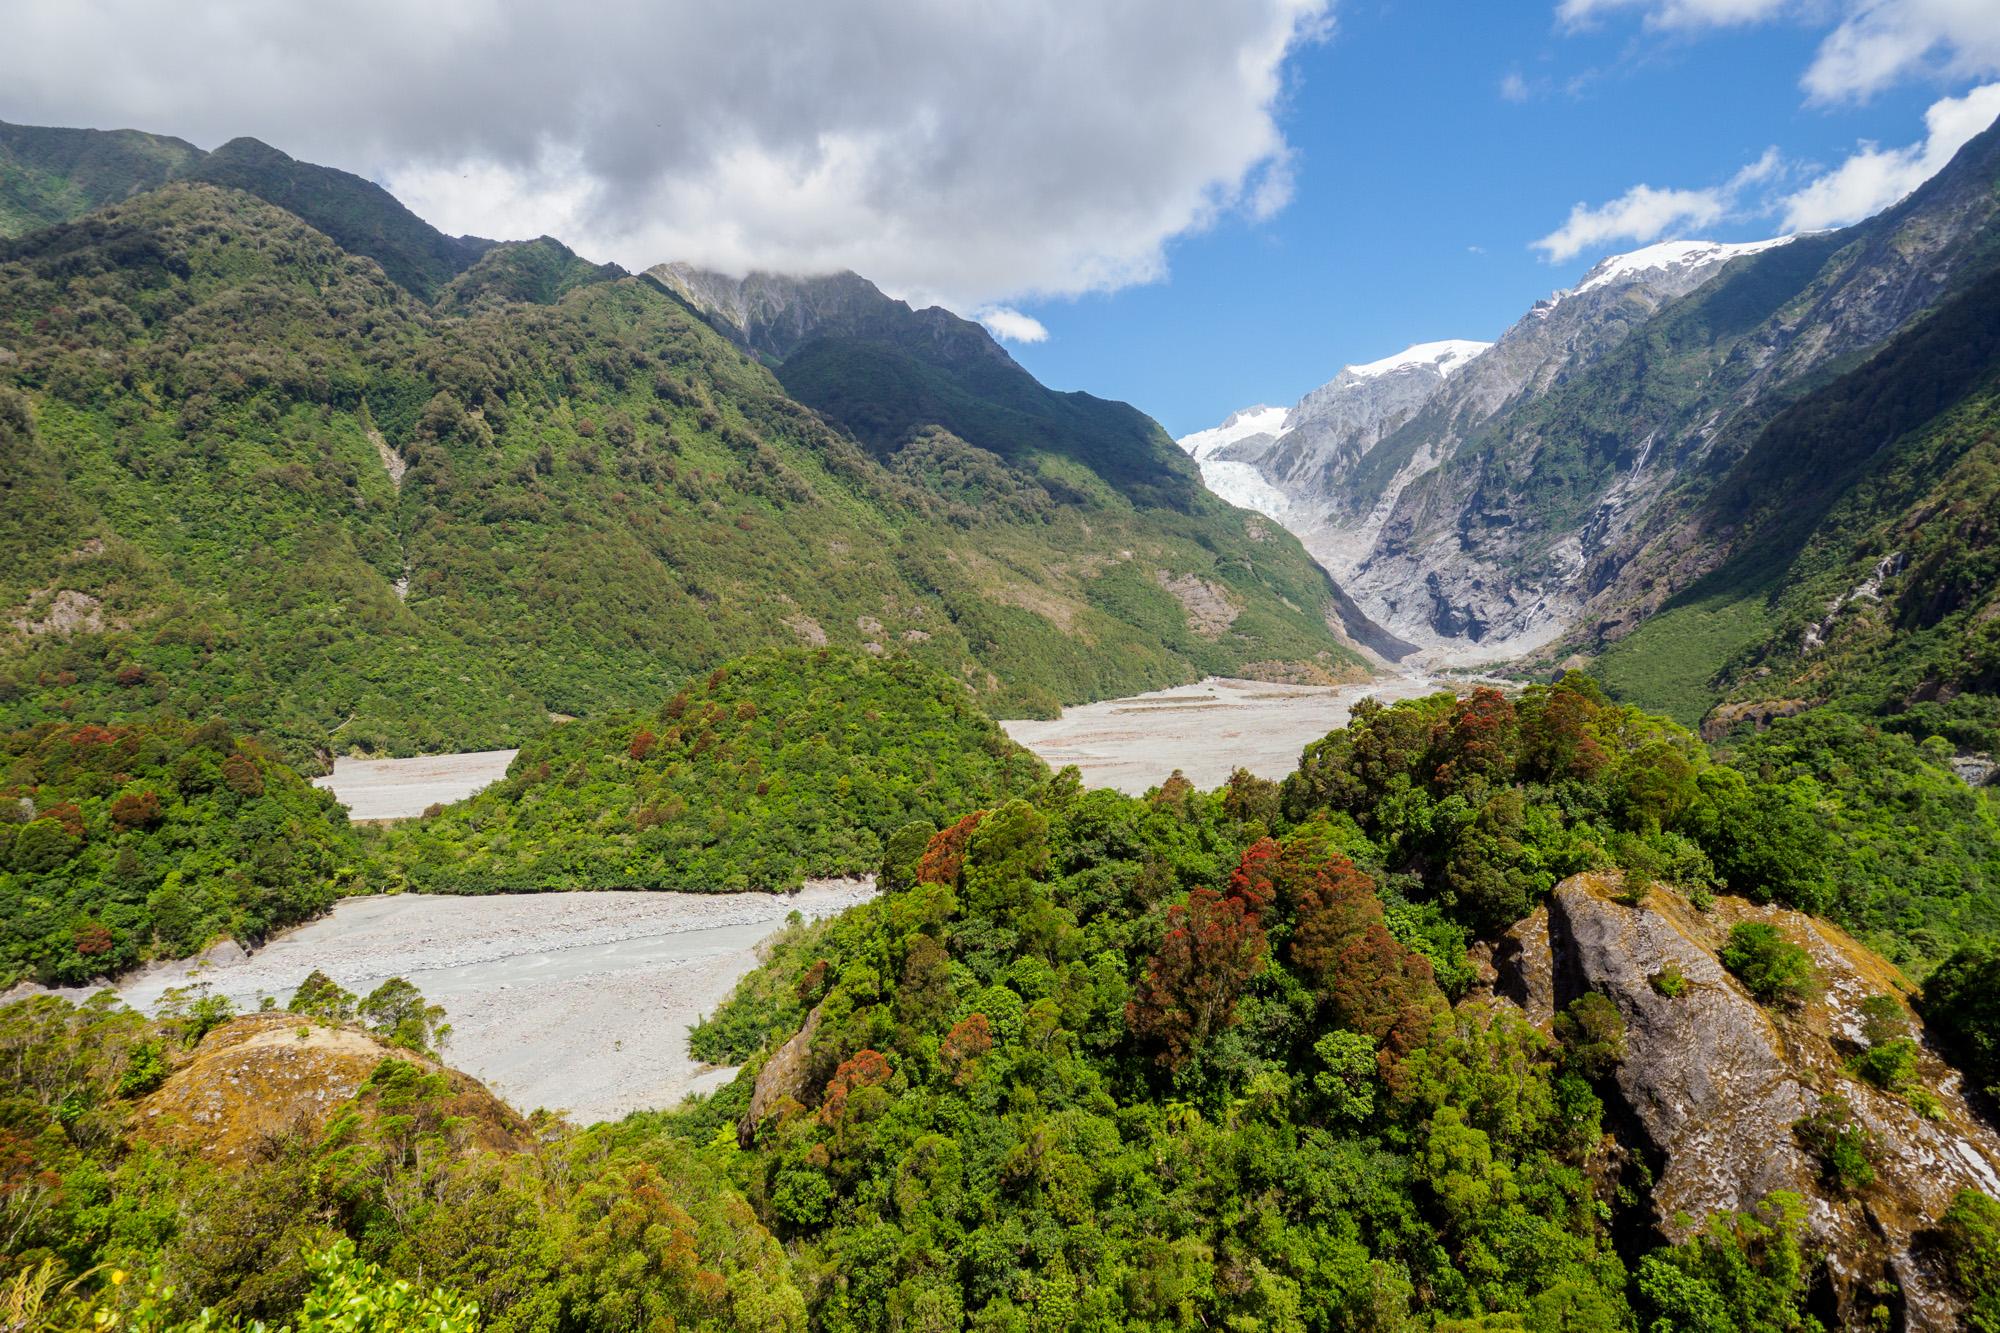 Westküste - Aussicht vom Sentinel Rock auf den Franz Joseph Glacier